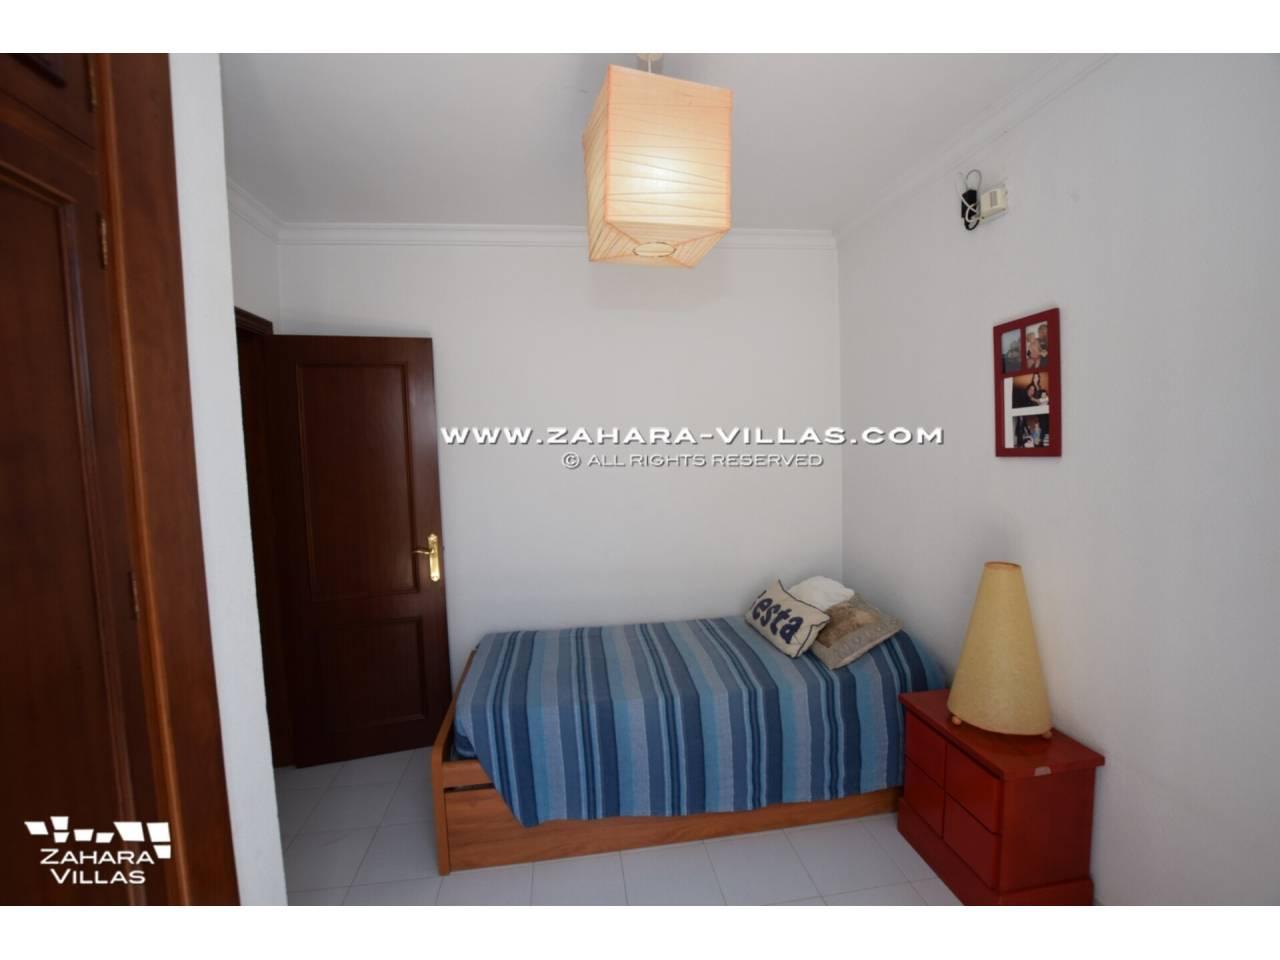 Imagen 25 de Casa en venta en segunda línea de playa, con vistas al mar en Zahara de los Atunes